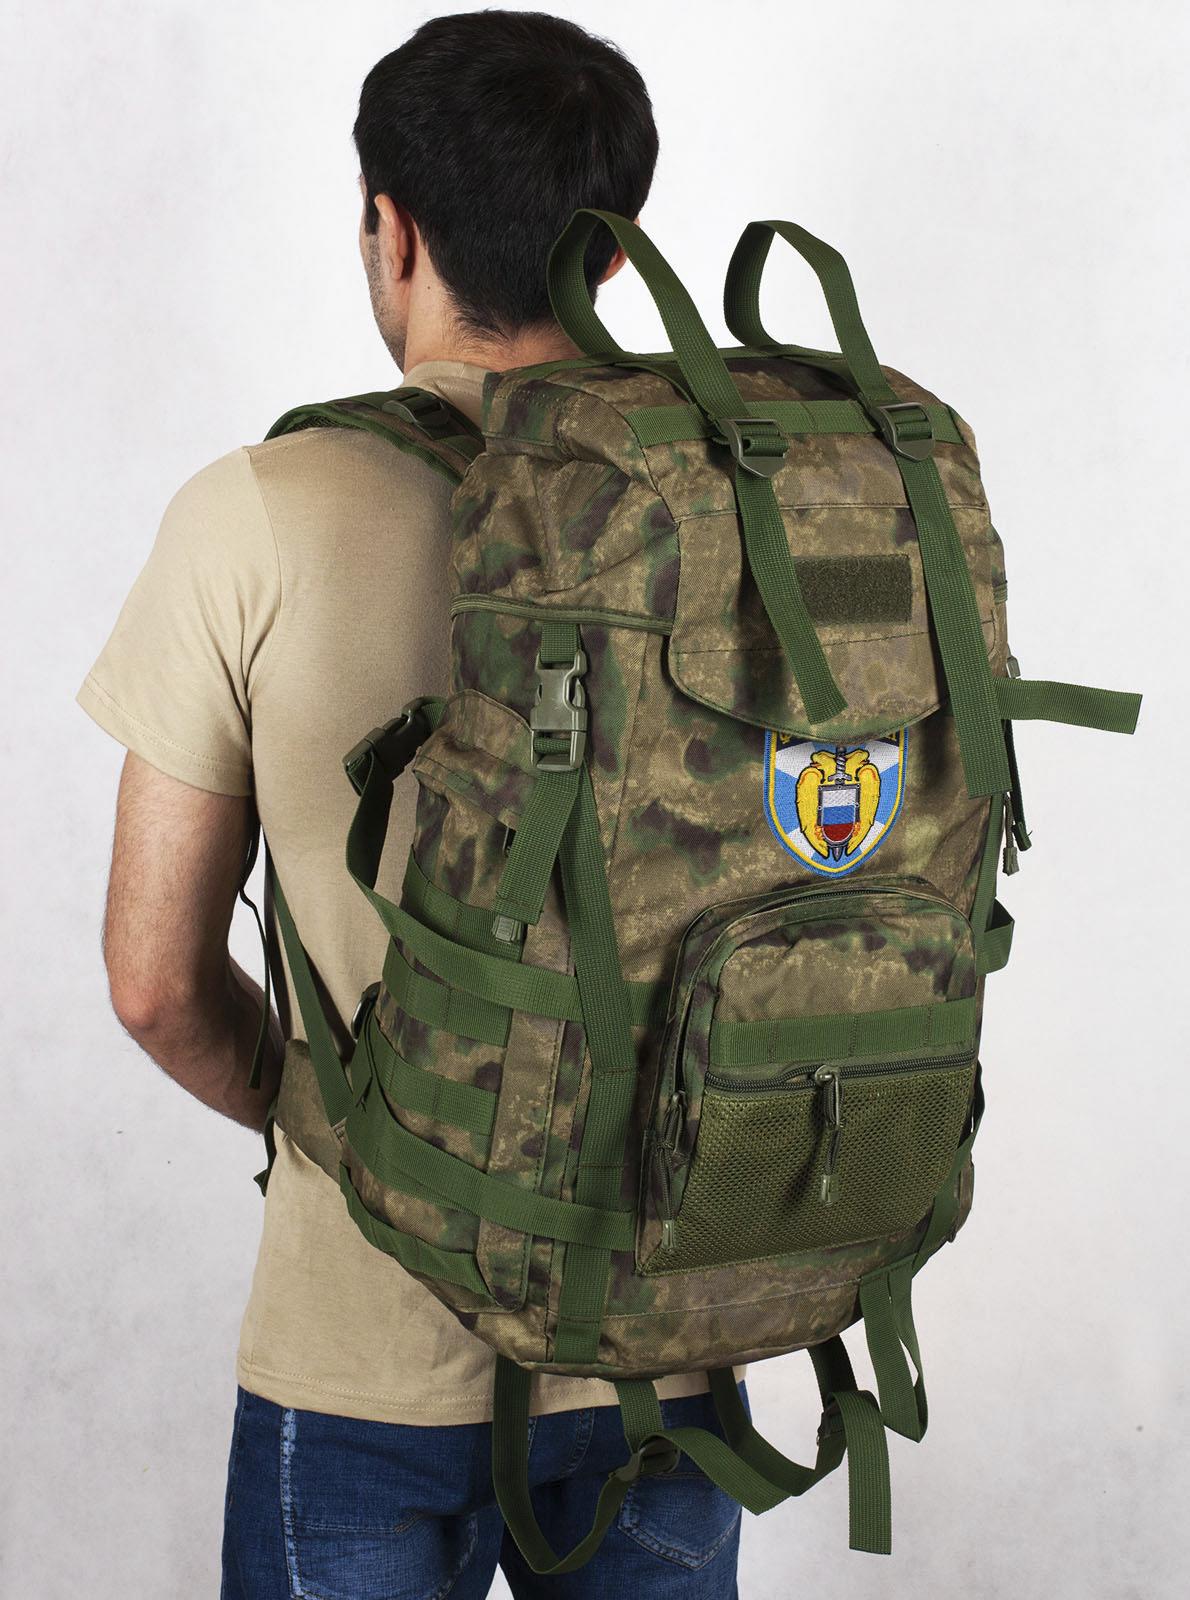 Тактический заплечный рюкзак MultiCam A-TACS FG ФСО - купить оптом